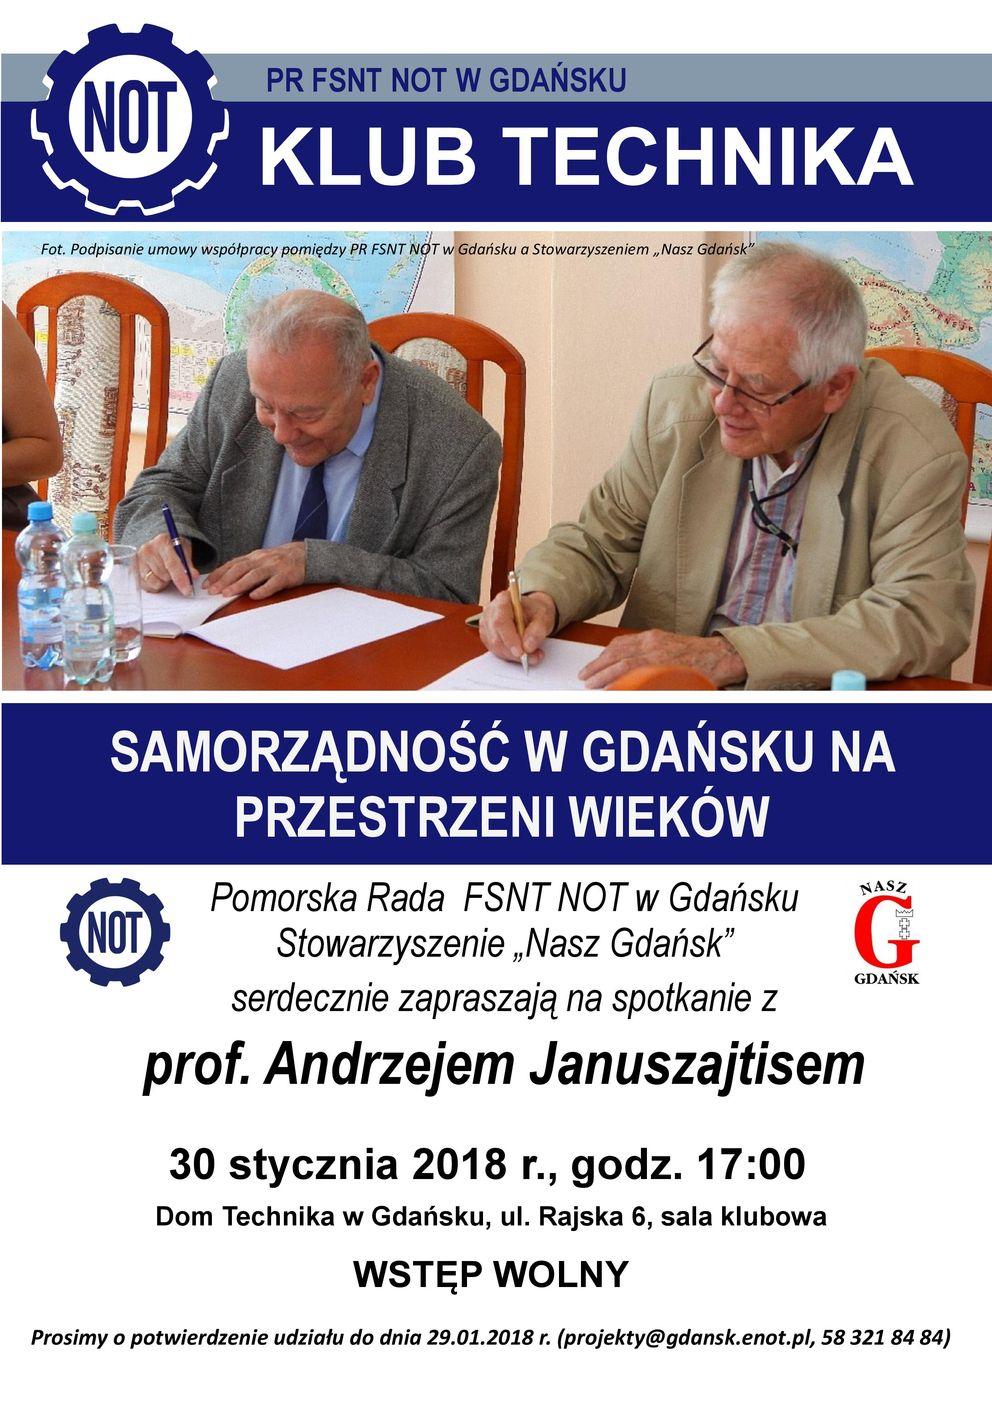 Januszajtis spotkanie w NOT KT_SAM_A3_2-page-001